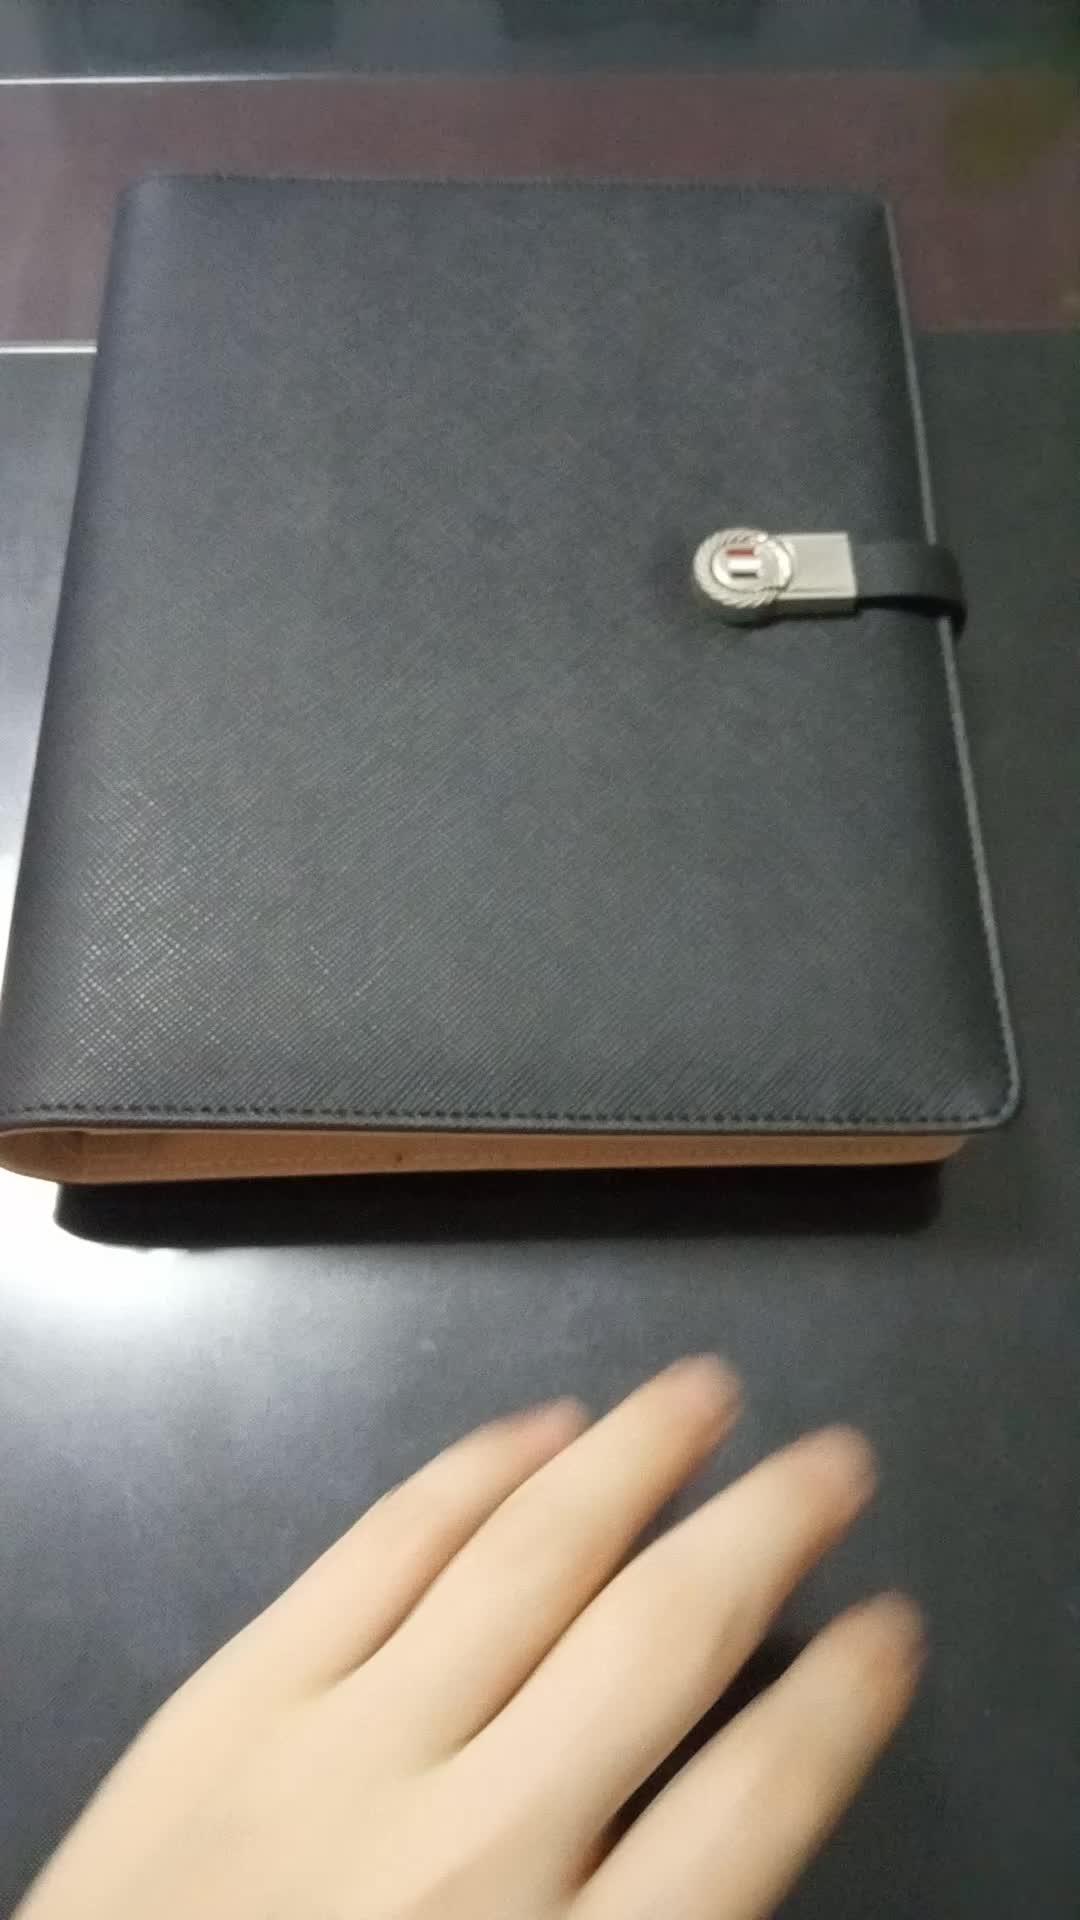 Cartera de negocios planificador cuaderno diario con Banco de potencia y unidad flash usb